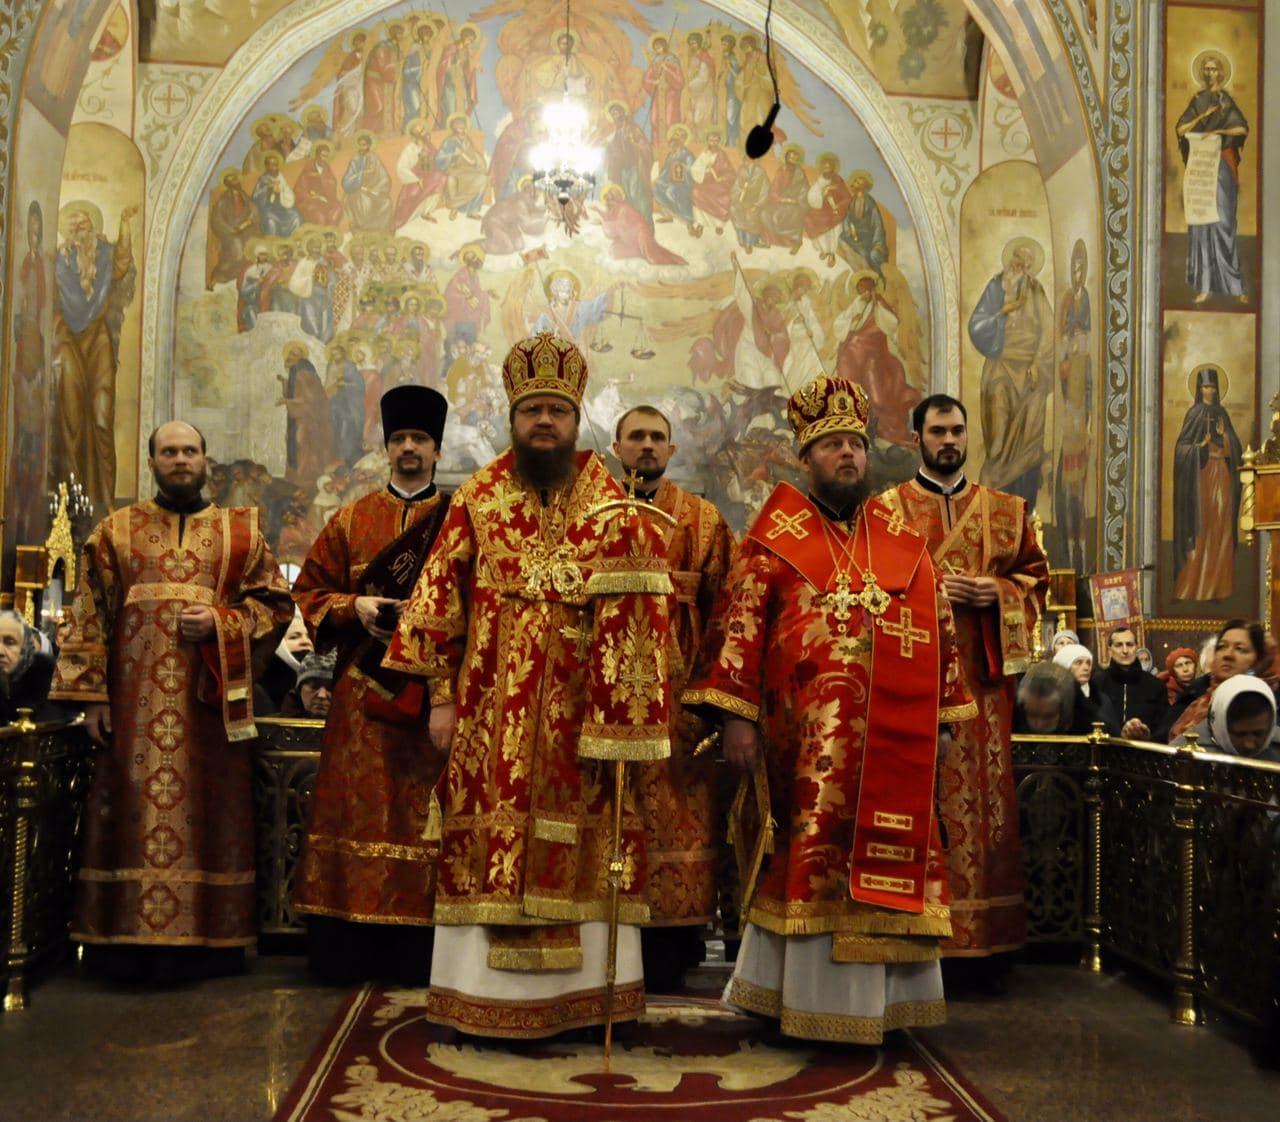 Архиепископ Феодосий возглавил всенощное бдение накануне престольного праздника в Свято-Архангело-Михайловском соборе